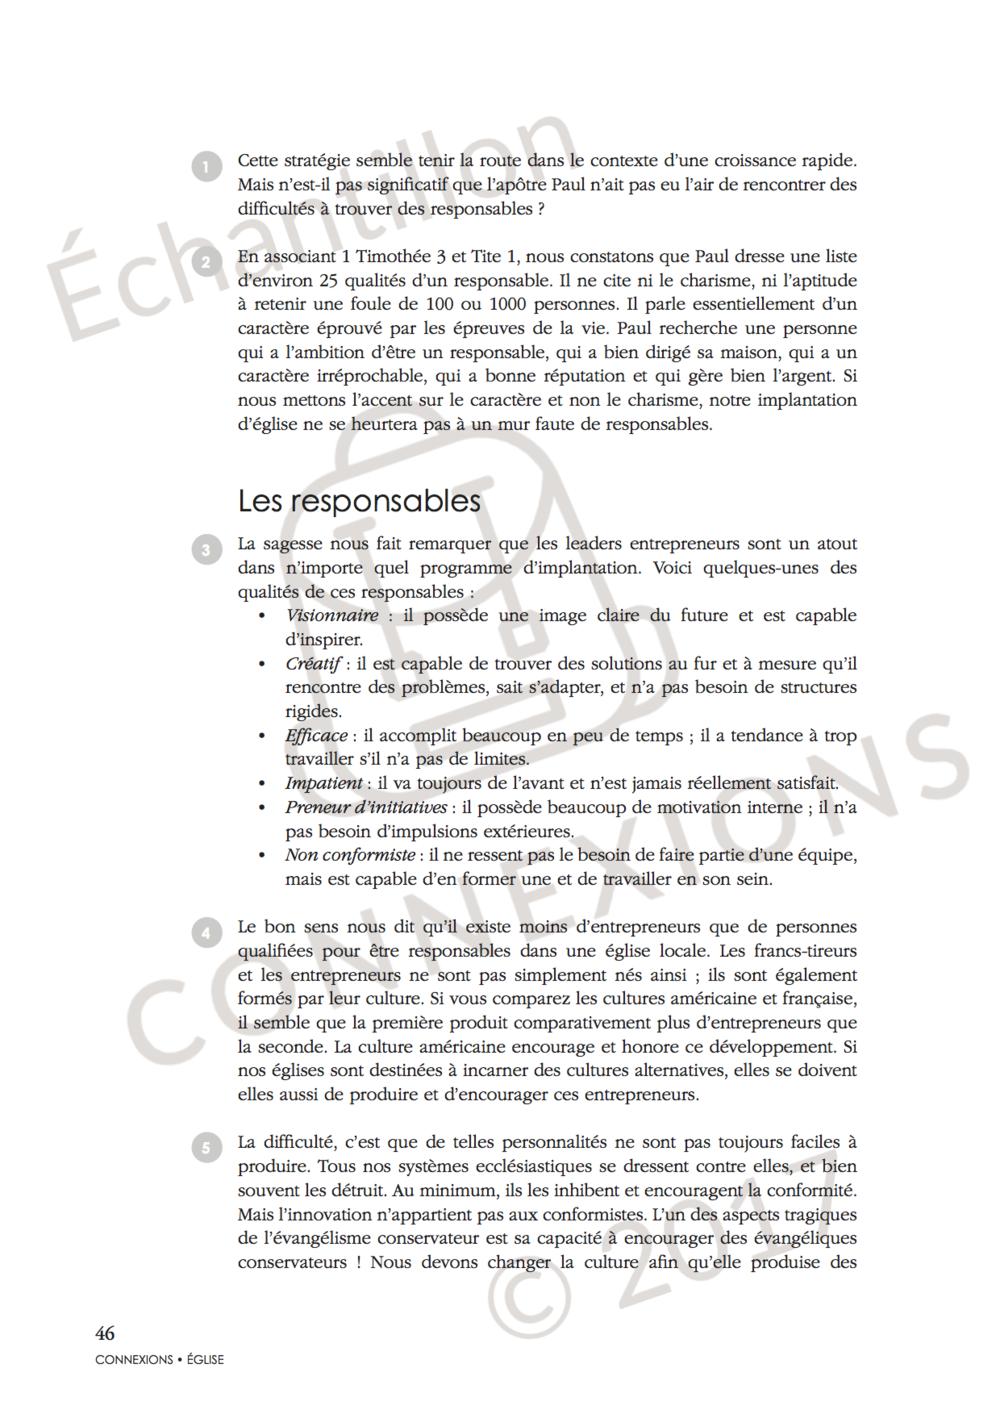 Église missionnelle et implantation d'église_sample_published.7.png